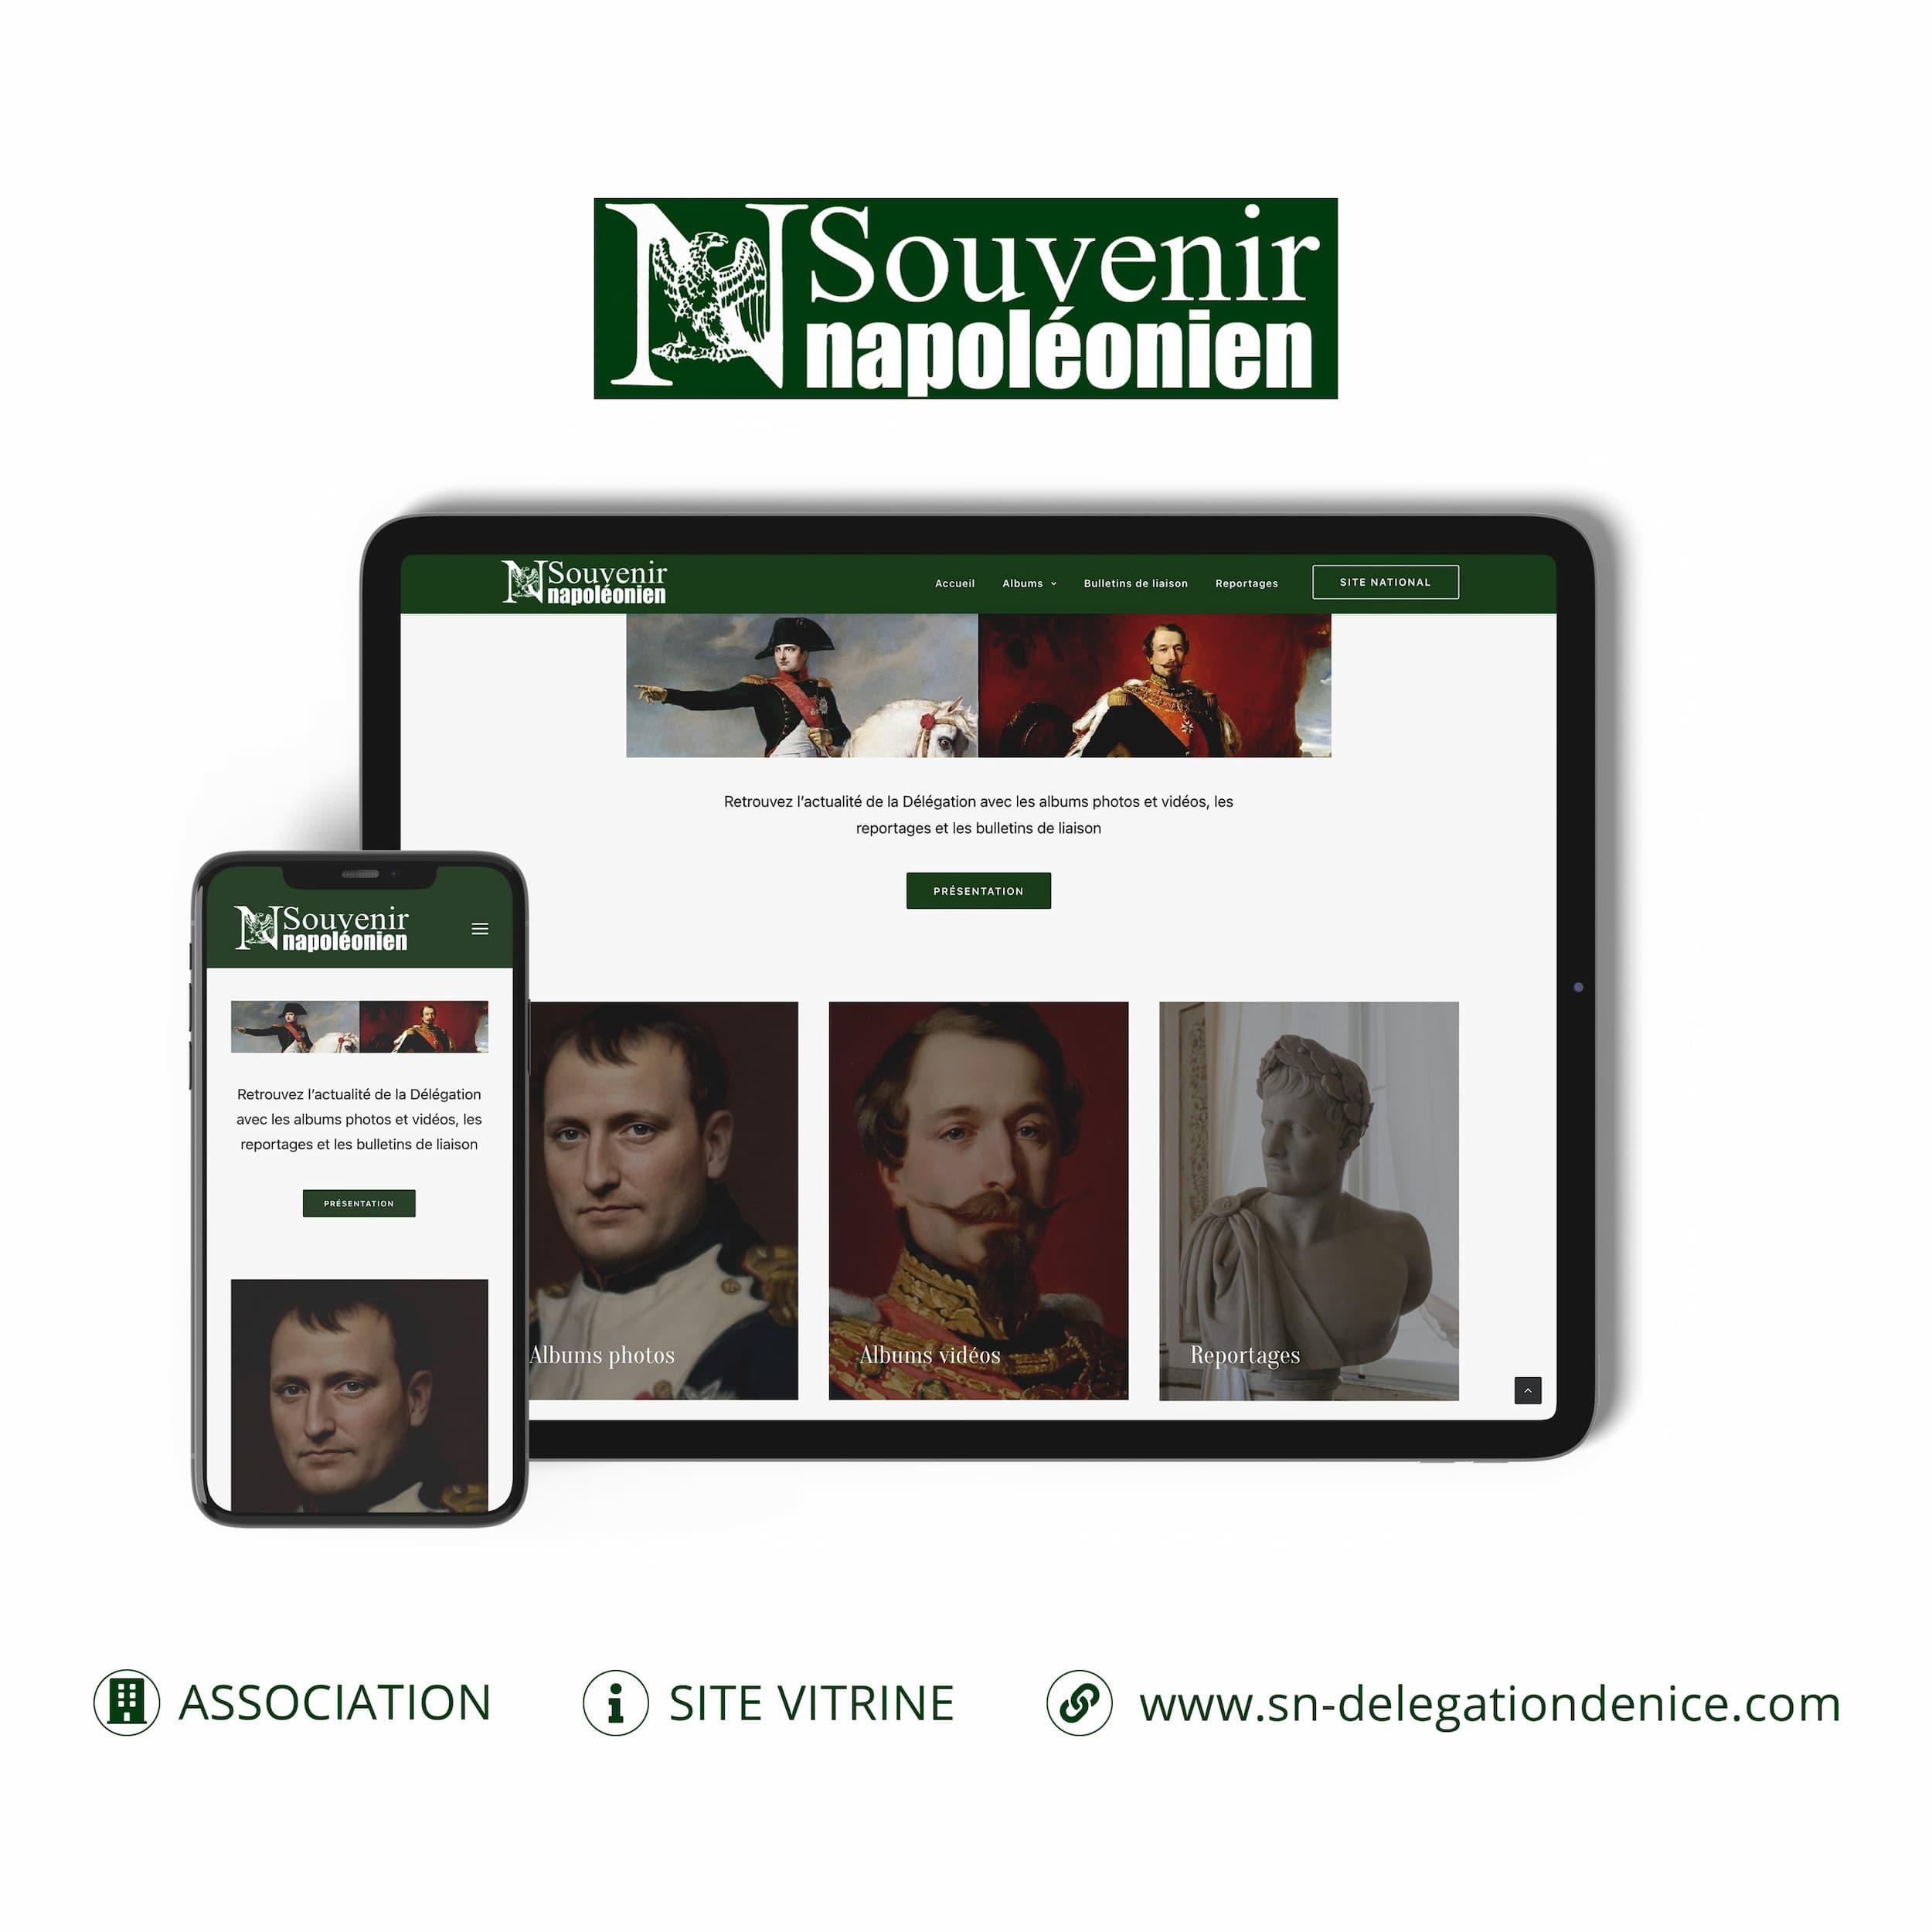 Souvenir Napoléonien site internet monsitelocal.fr